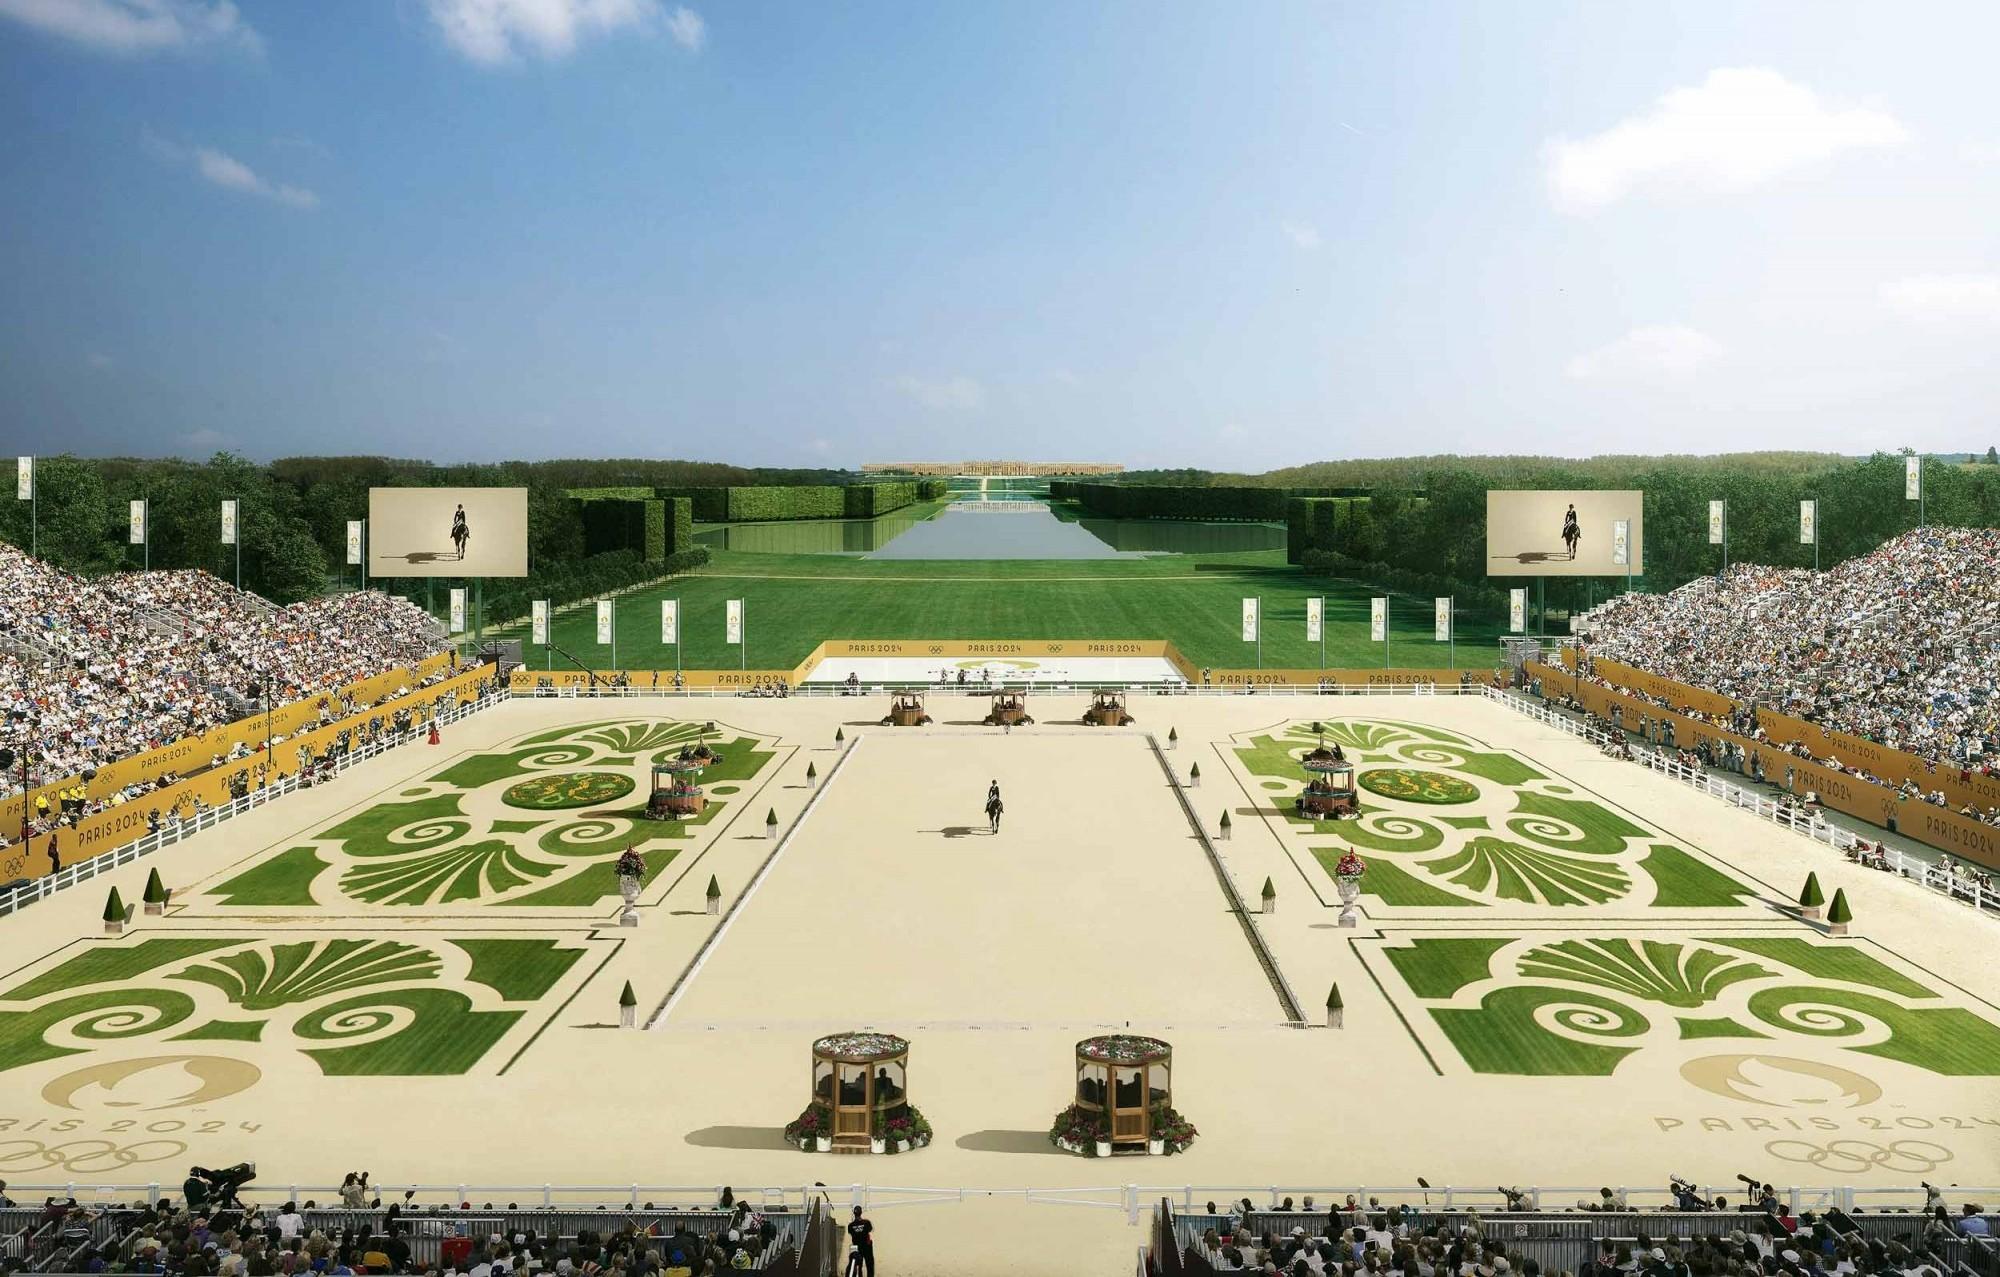 Visualisierung Pferderennen bei Chateau de Versailles